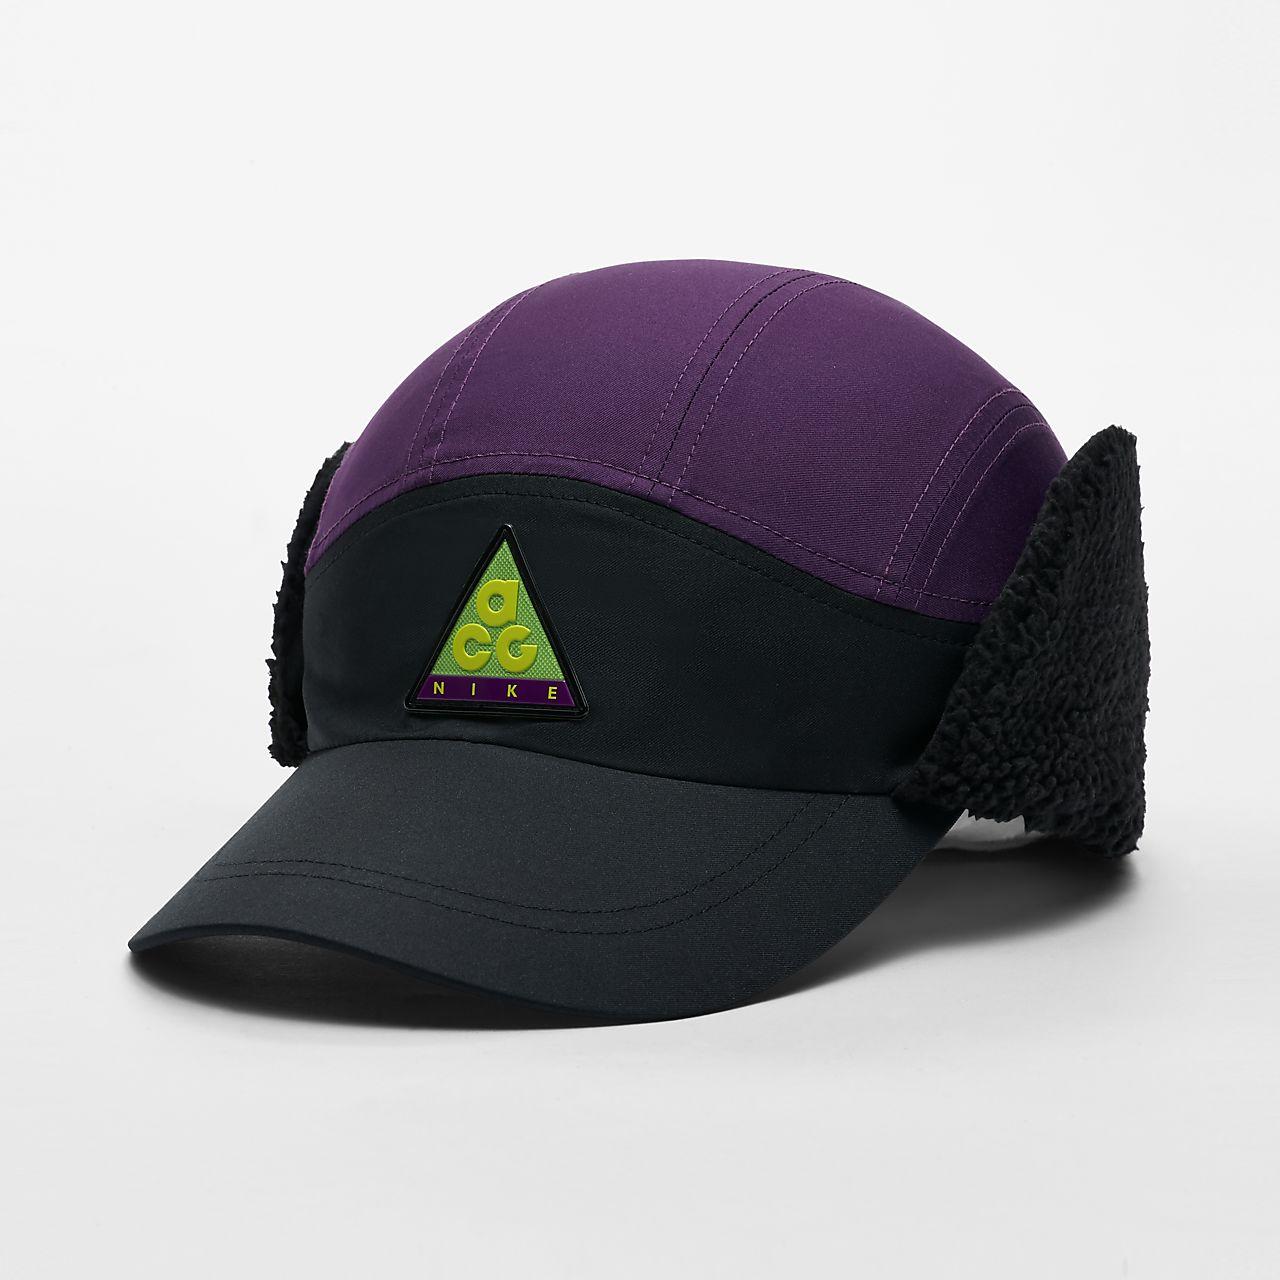 931730082e6 Nike Sportswear Tailwind ACG Sherpa Adjustable Hat. Nike.com VN